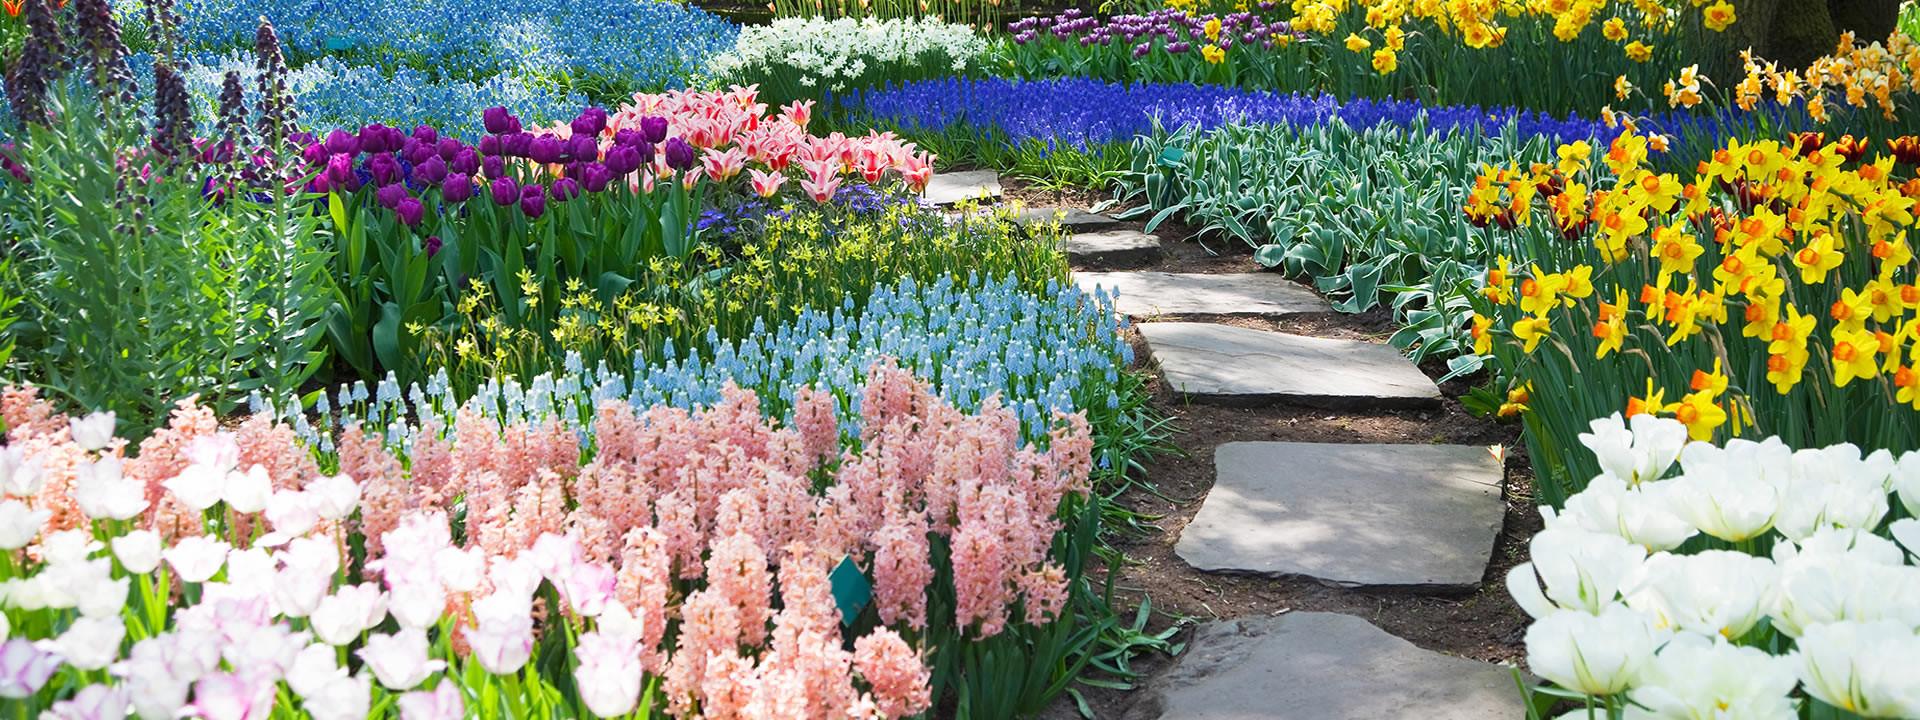 Grief & Healing | Glen Haven Memorial Gardens